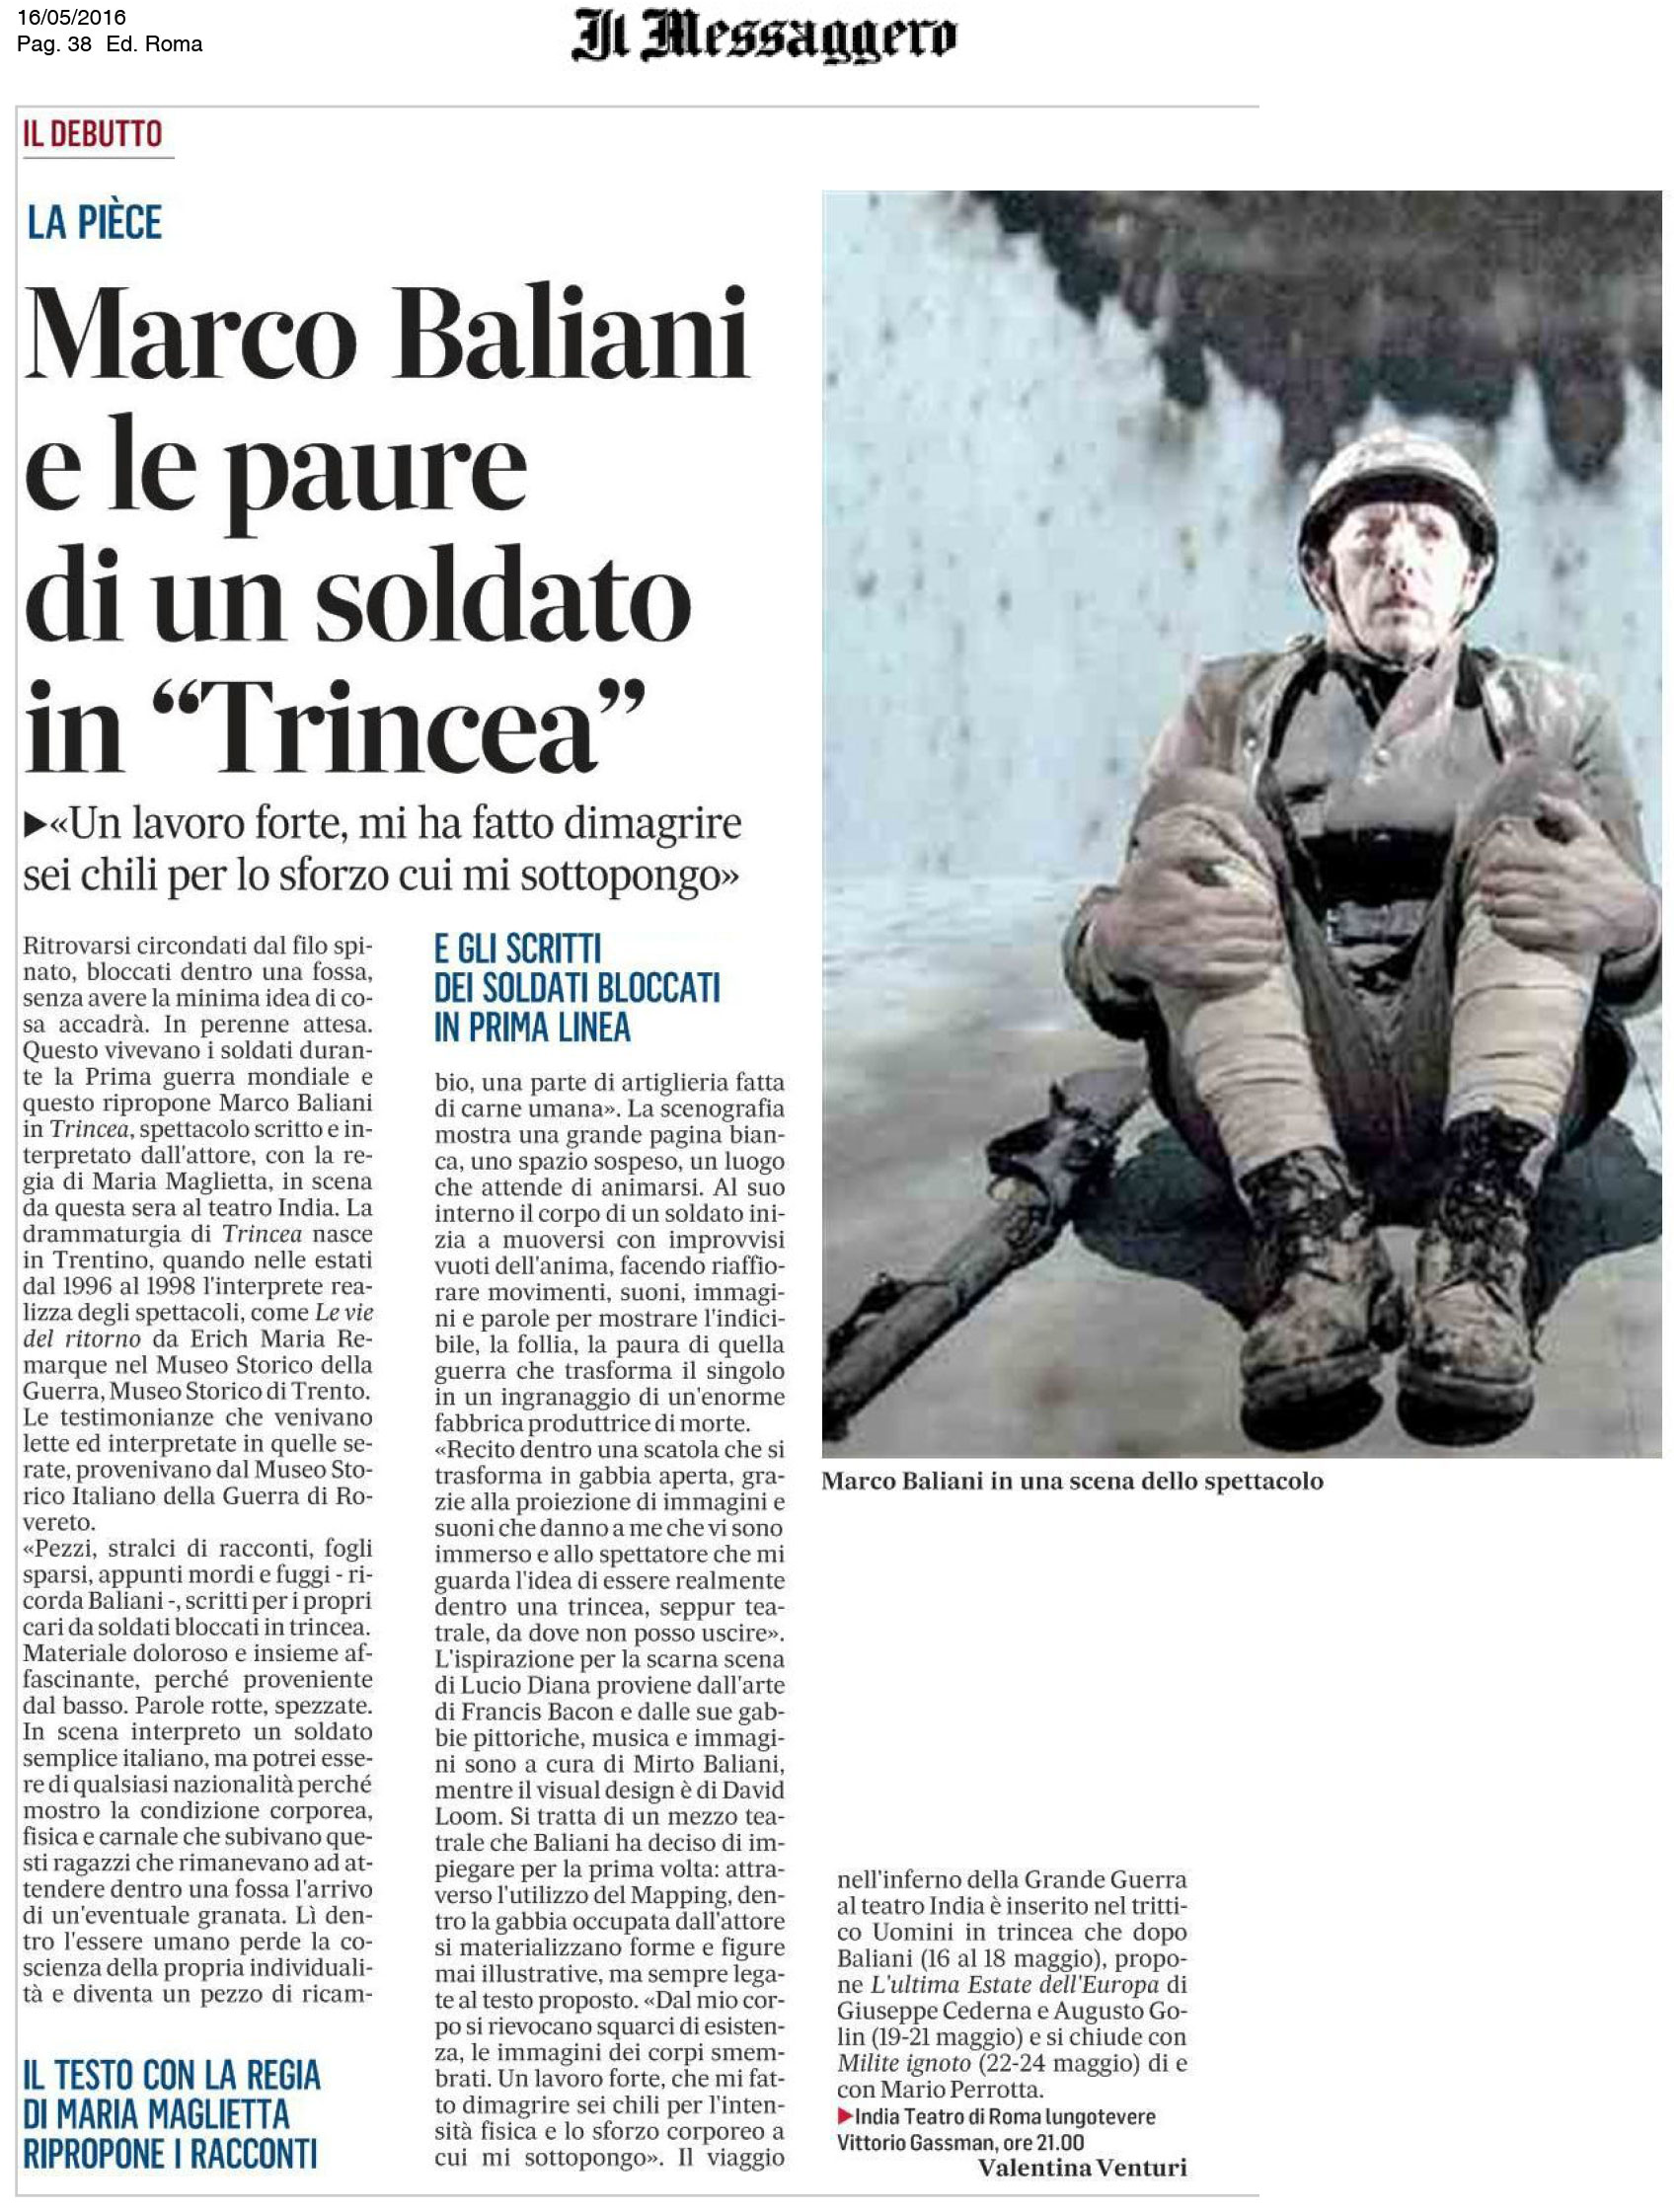 2016_05_16-il-messaggero_-marco-baliani-e-le-paure-di-un-soldato